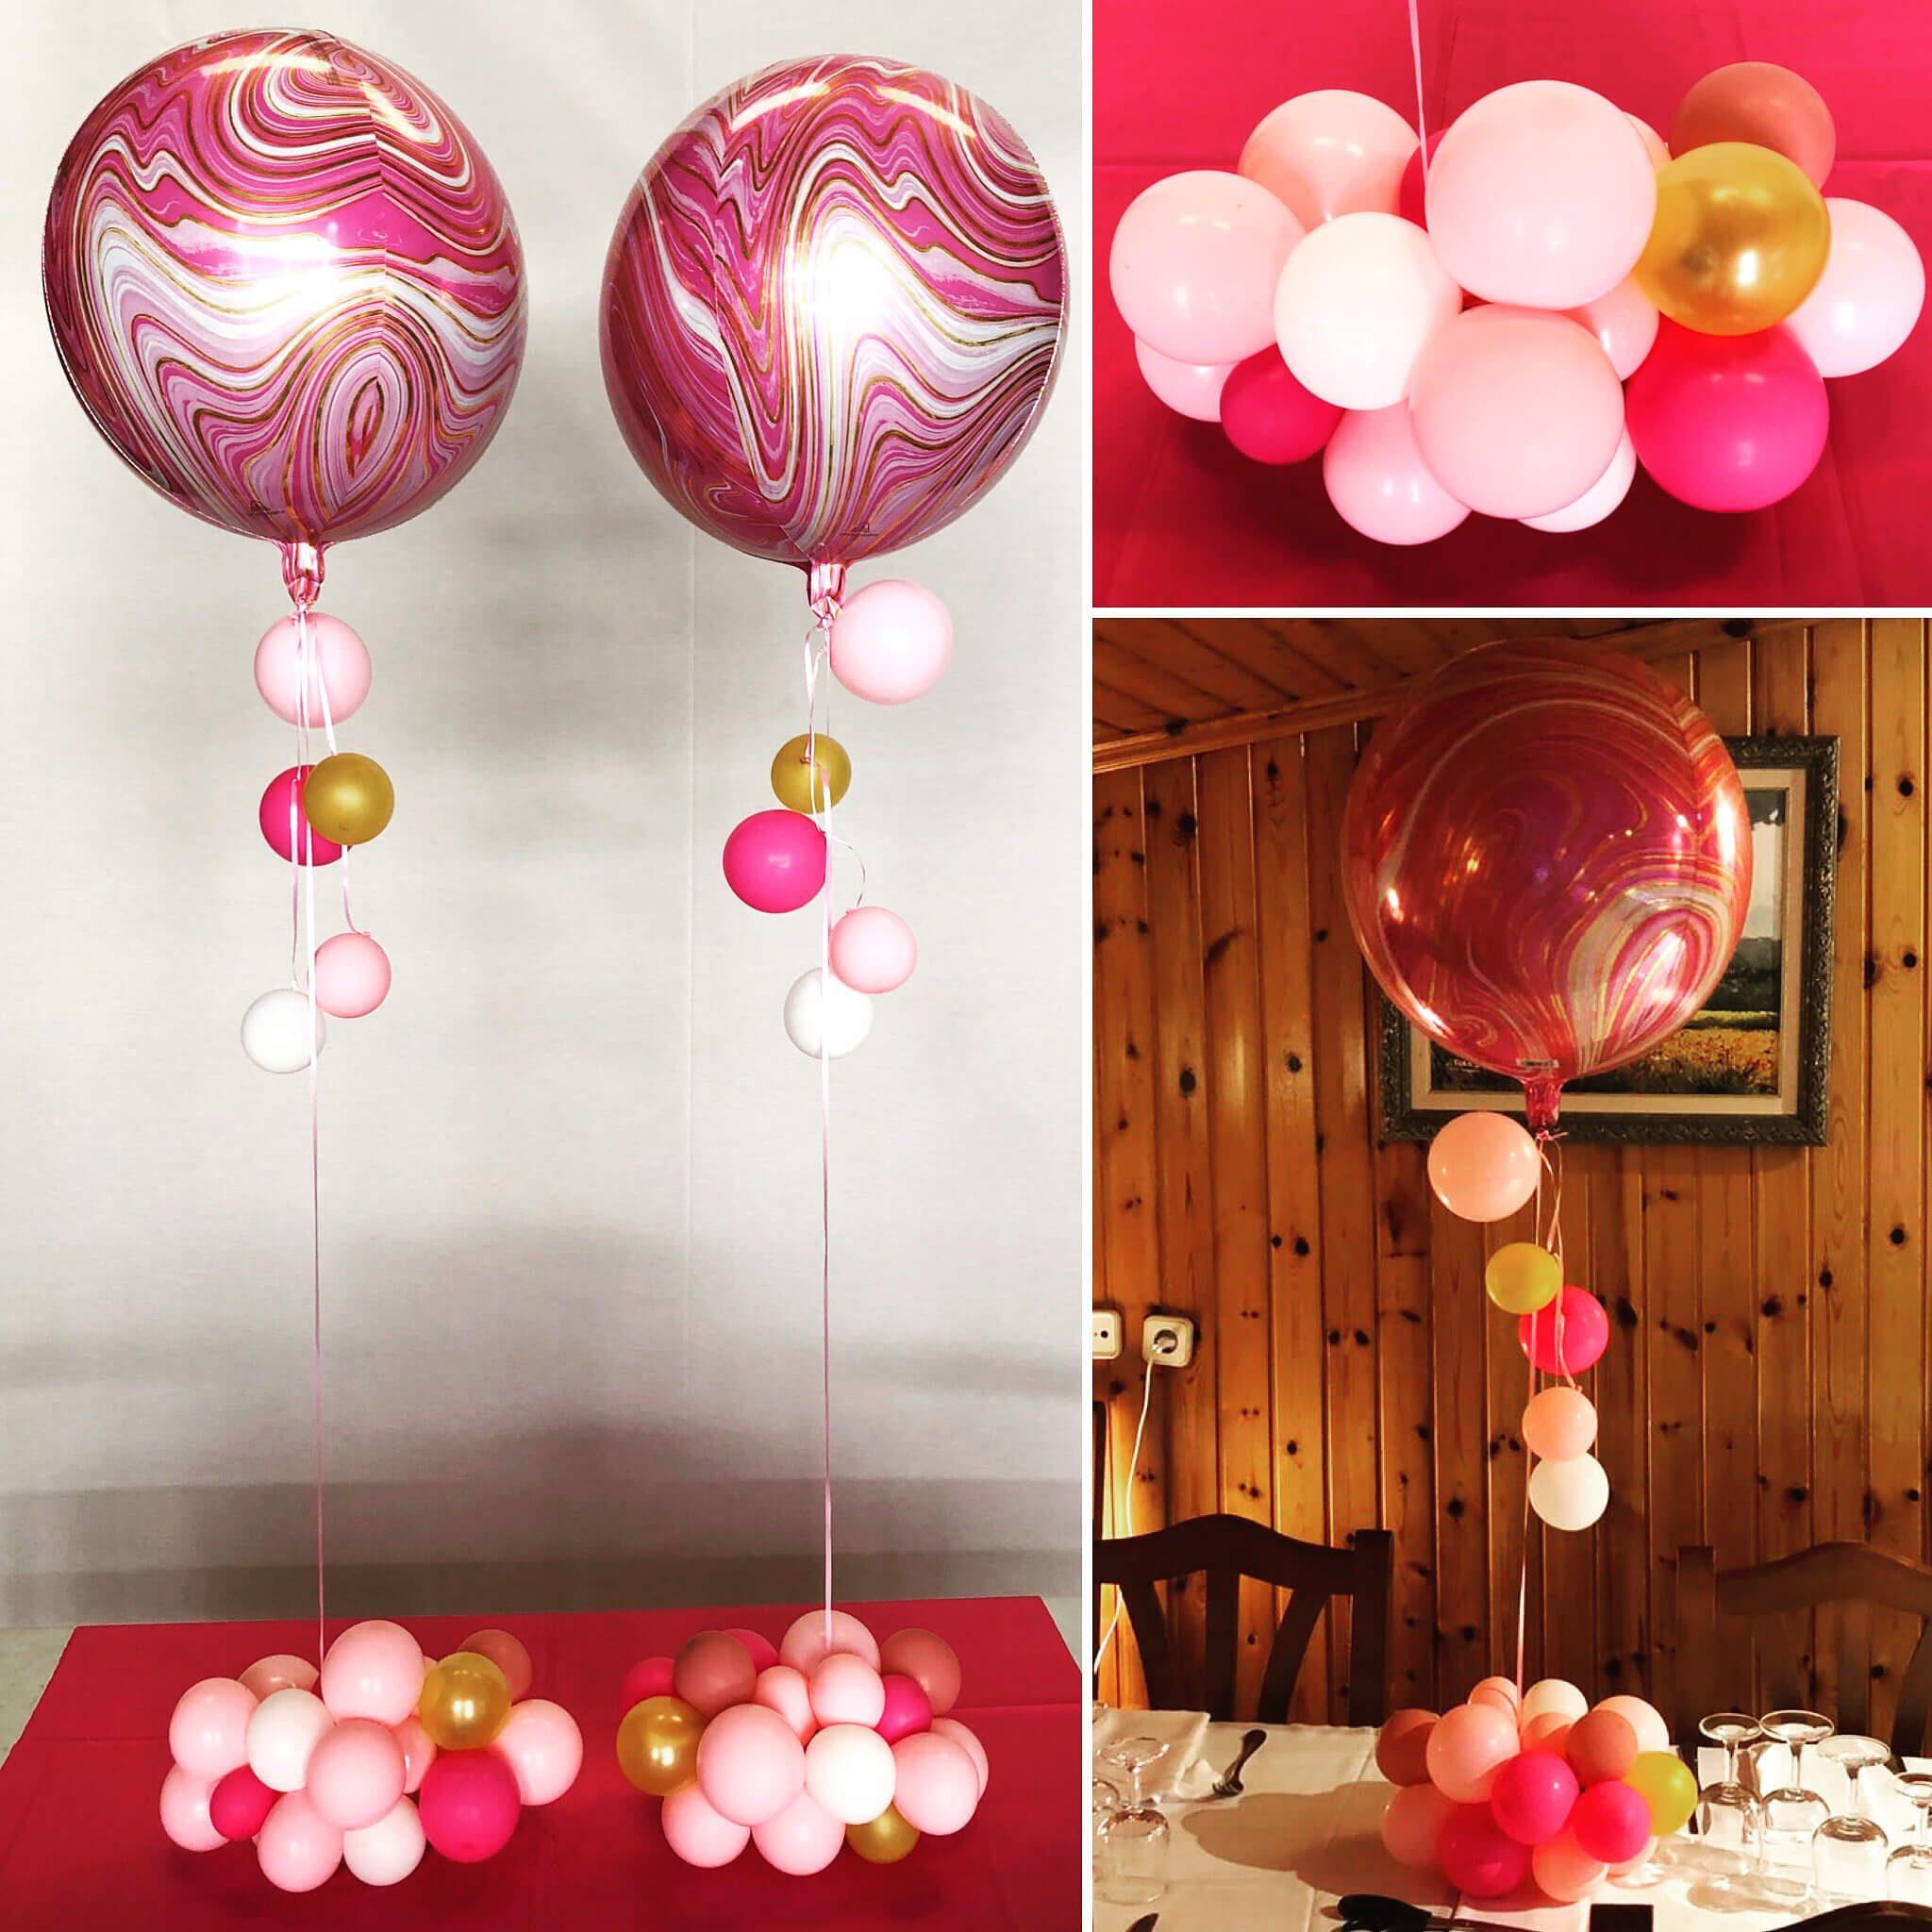 Centros de mesa con globos elegantes